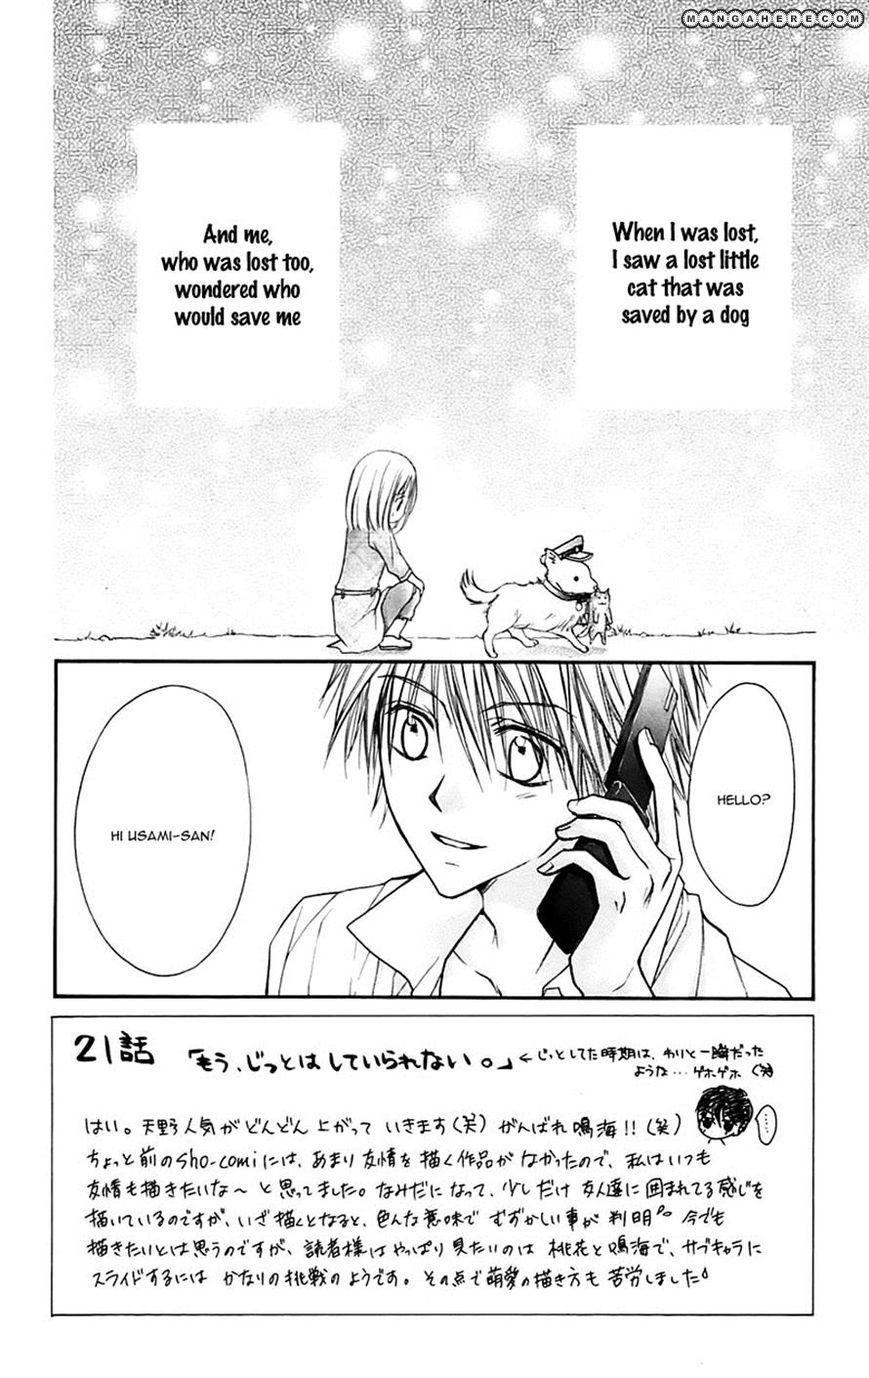 Namida Usagi - Seifuku no Kataomoi 21 Page 2